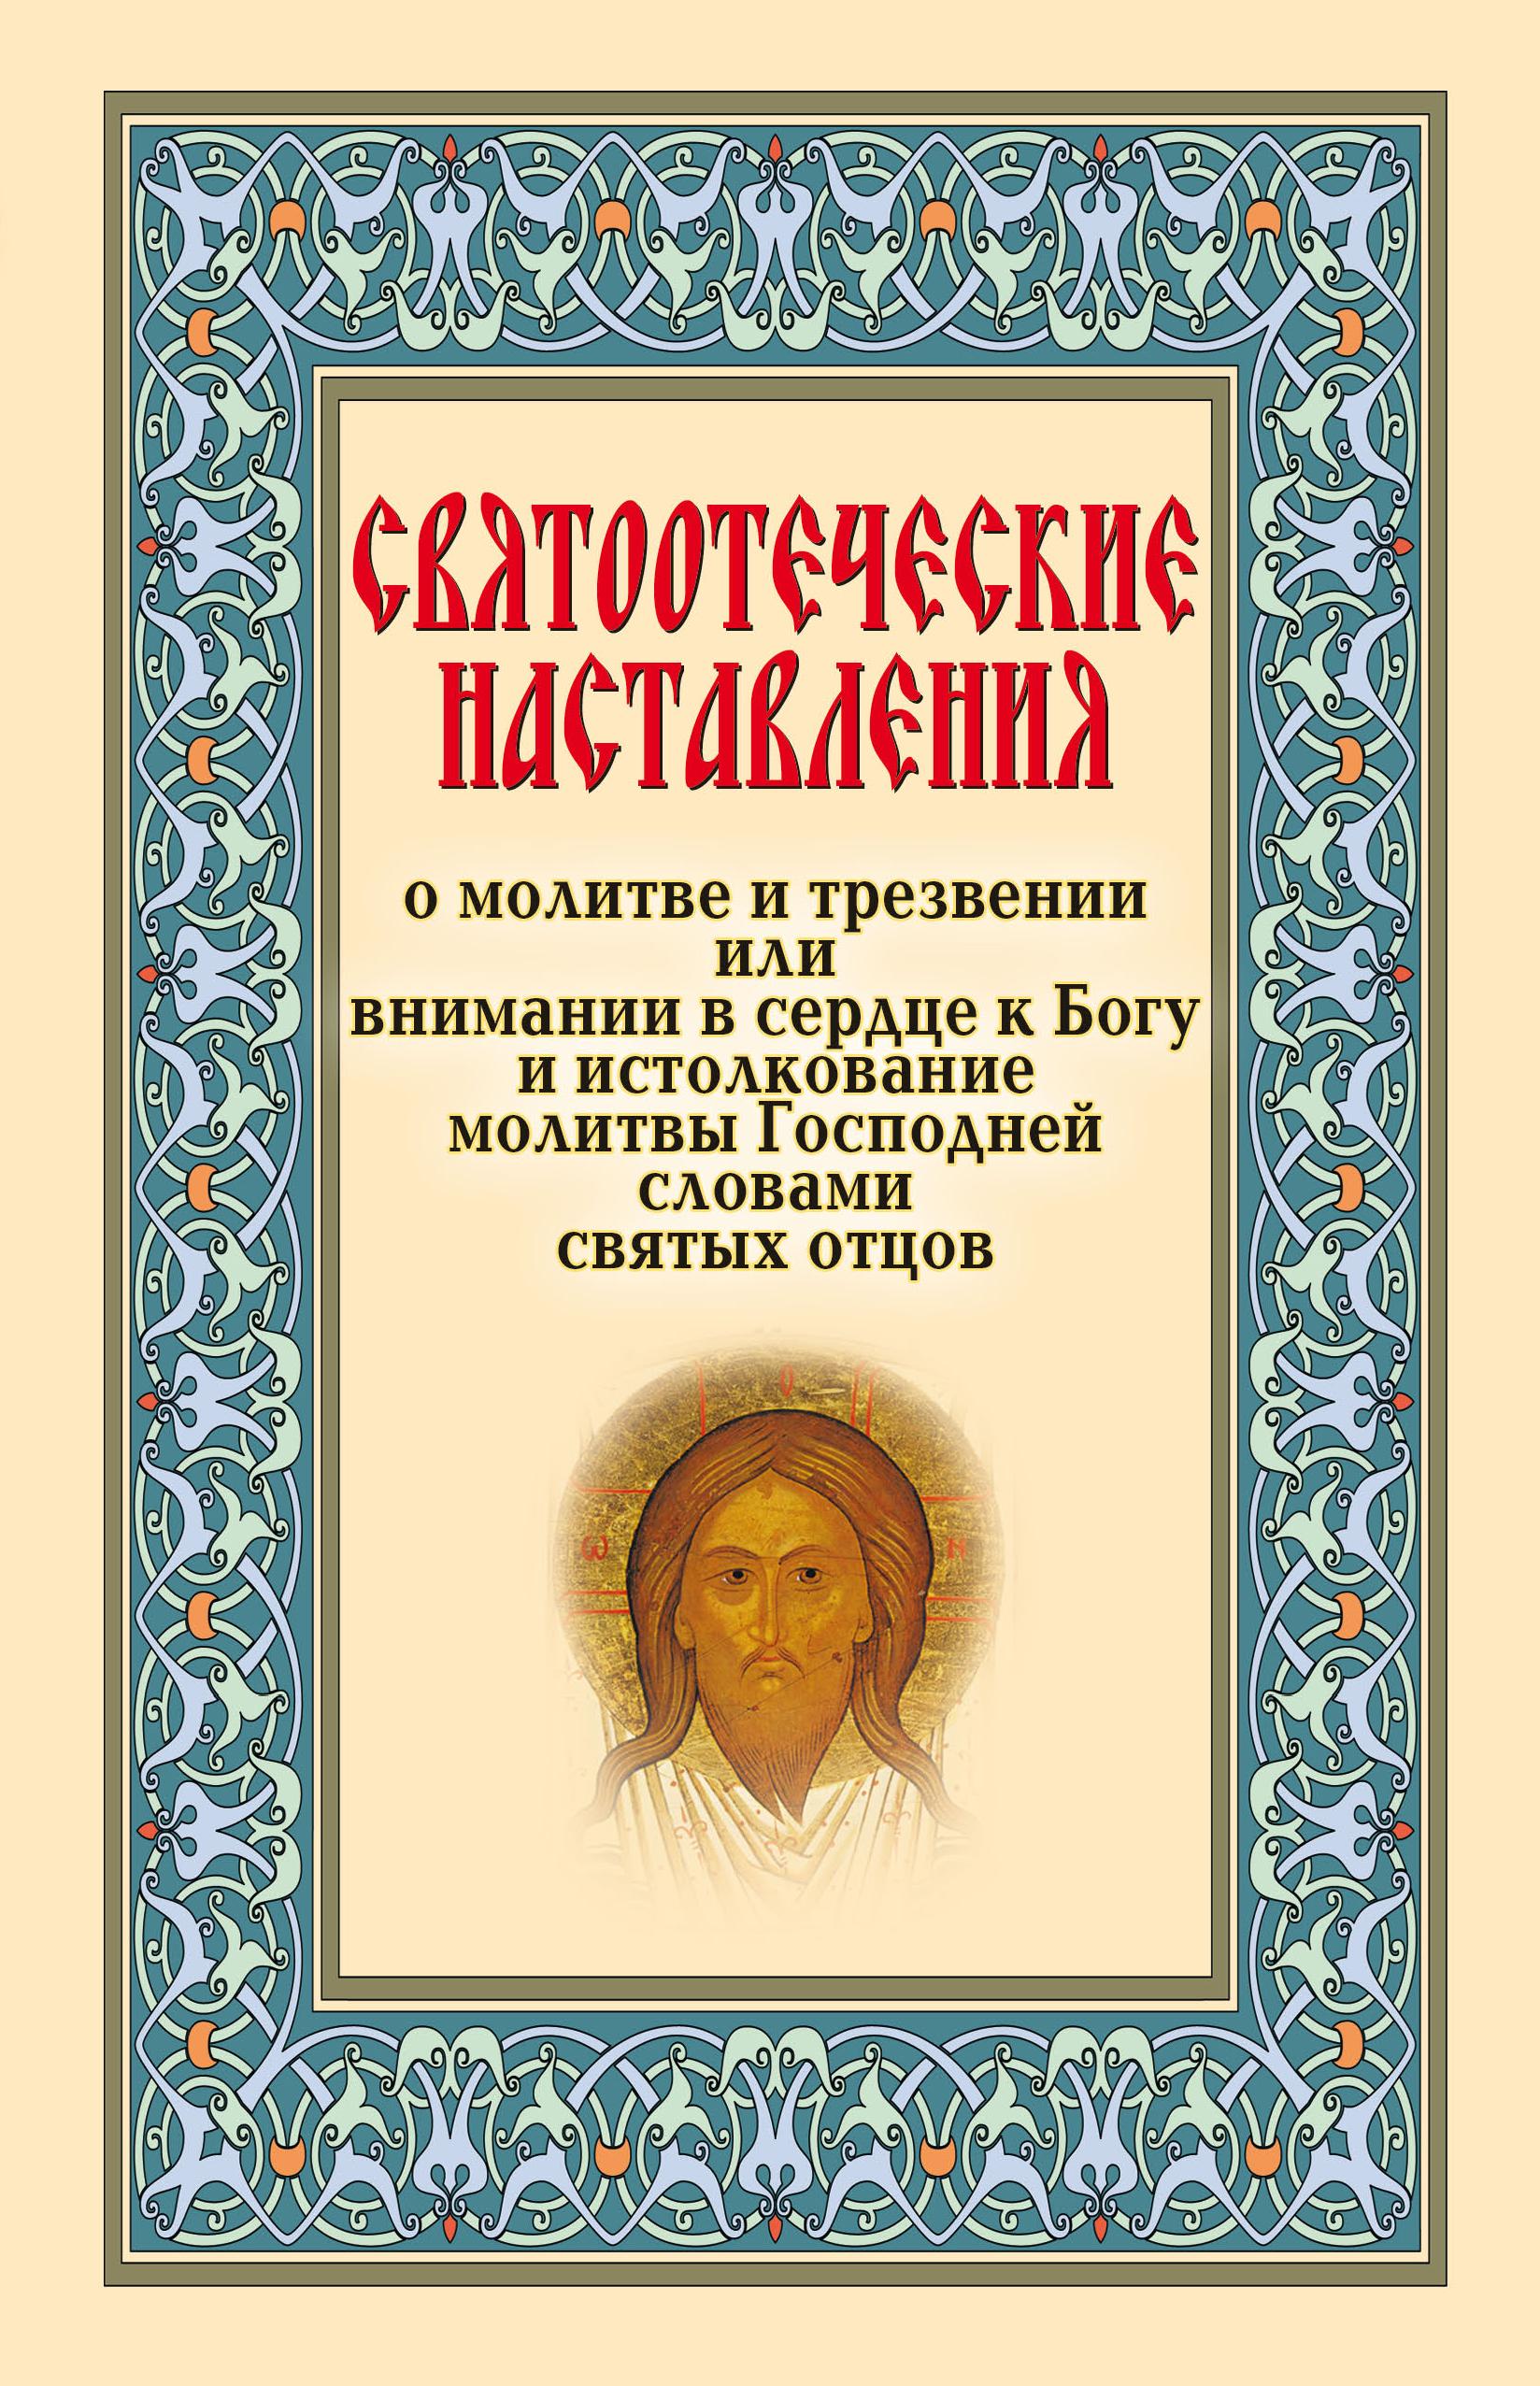 Сборник Святоотеческие наставления о молитве и трезвении или внимании в сердце к Богу philips 43put6101 60